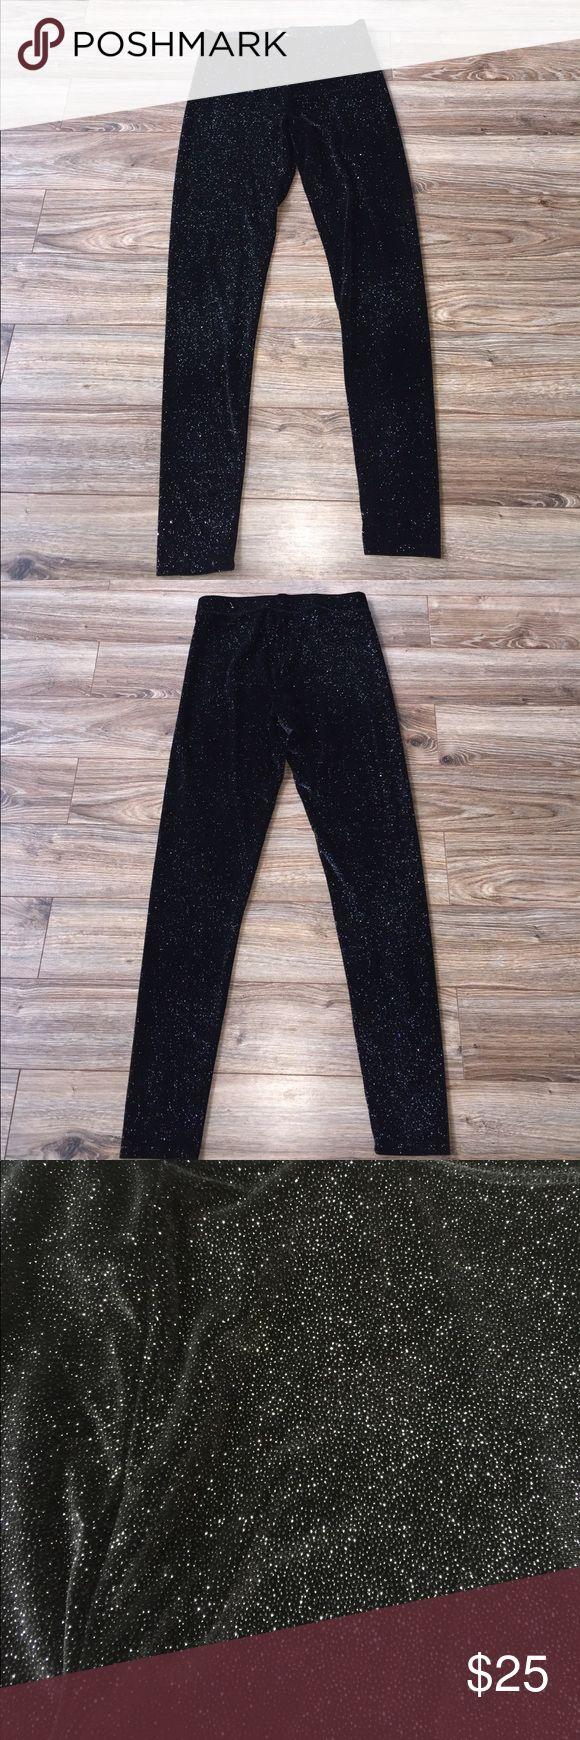 Black Velvet Sparkly Leggings Sparkly Velvet full length leggings. Like new!!!! PINK Victoria's Secret Pants Leggings